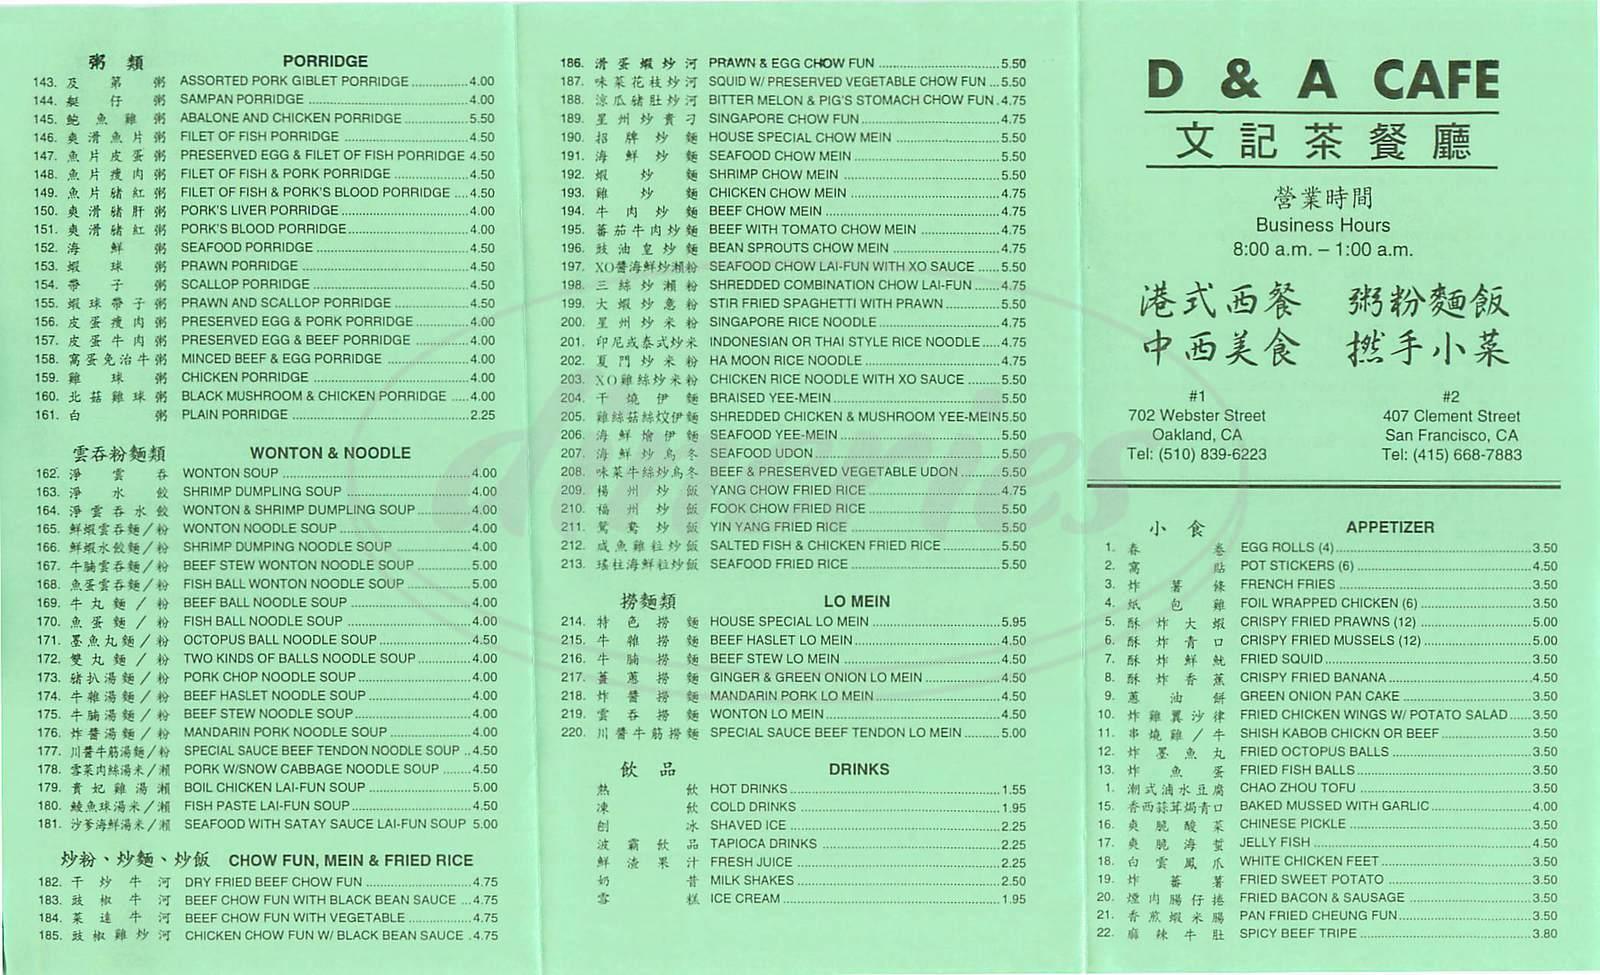 menu for D & A Café